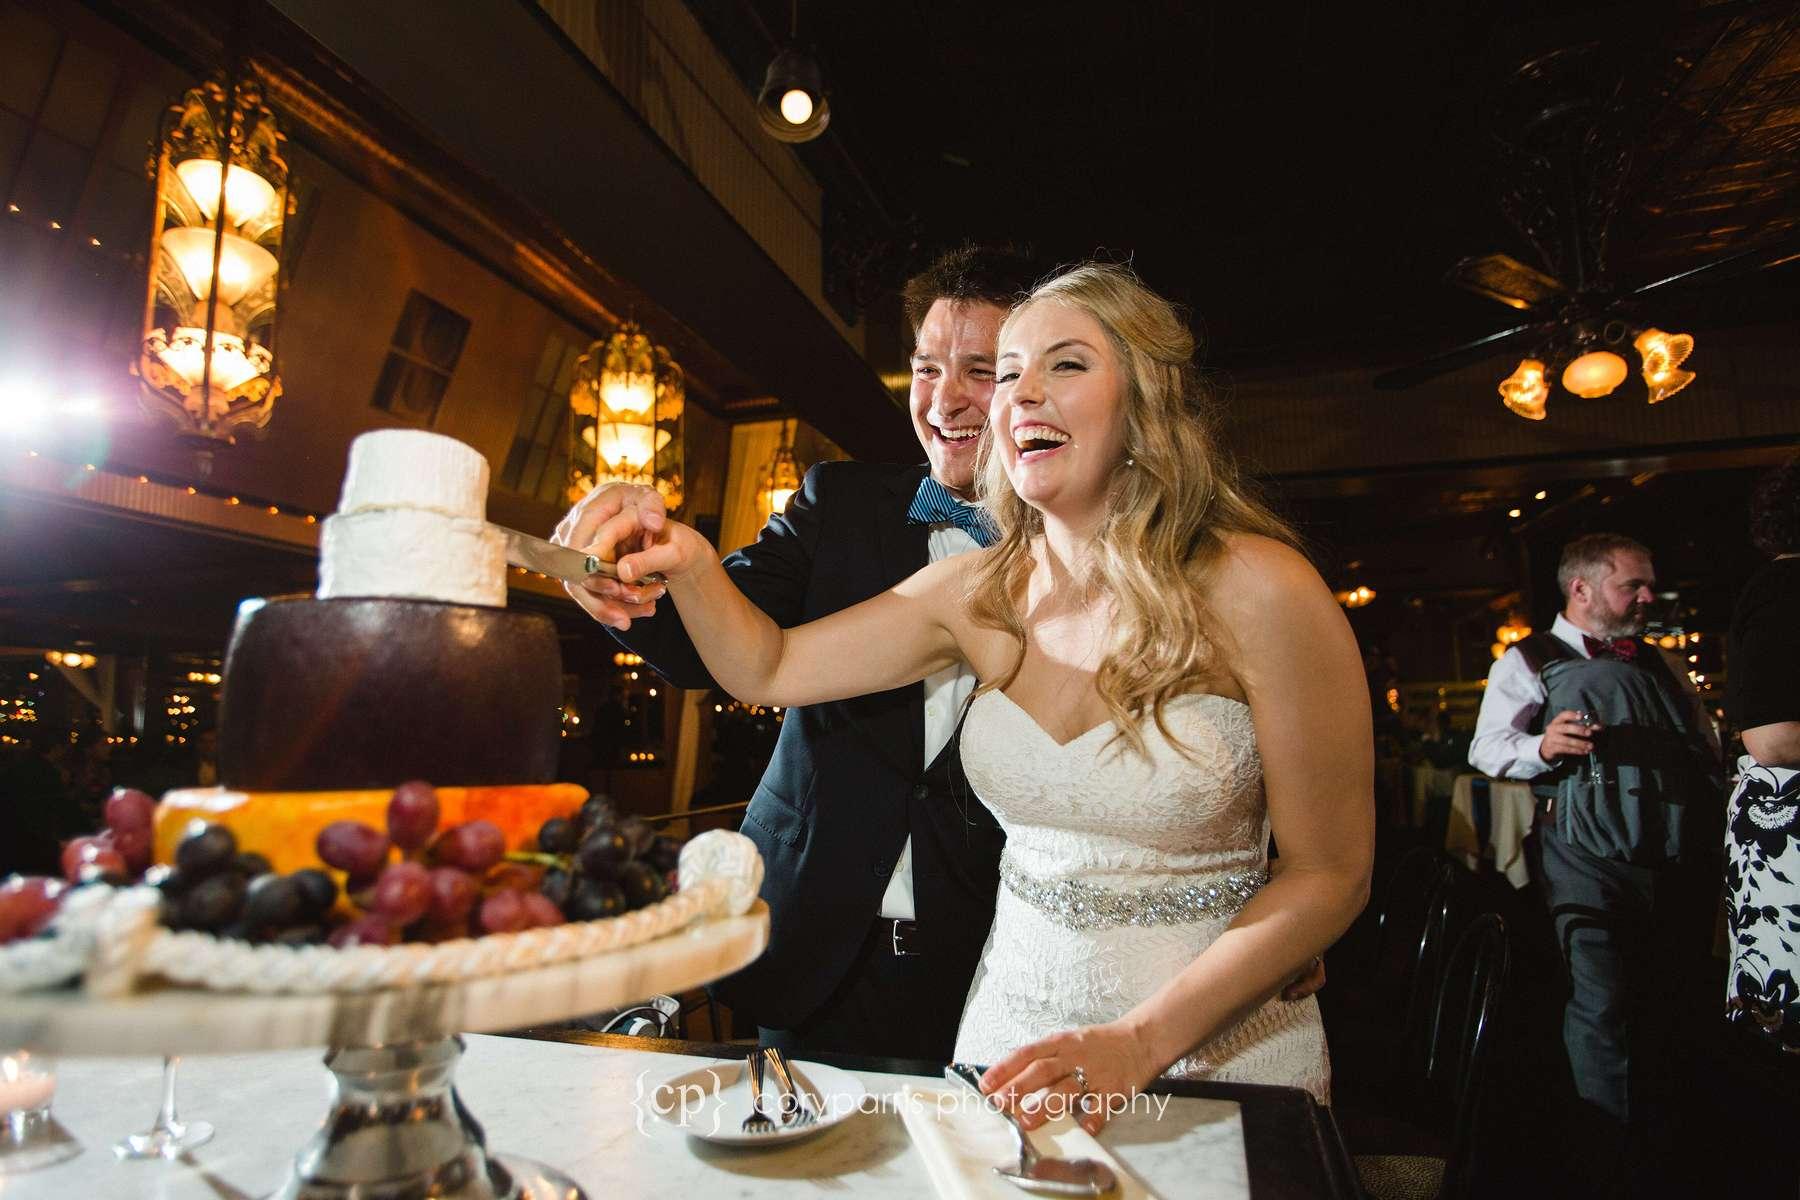 Cutting cake at Lake Union Cafe wedding